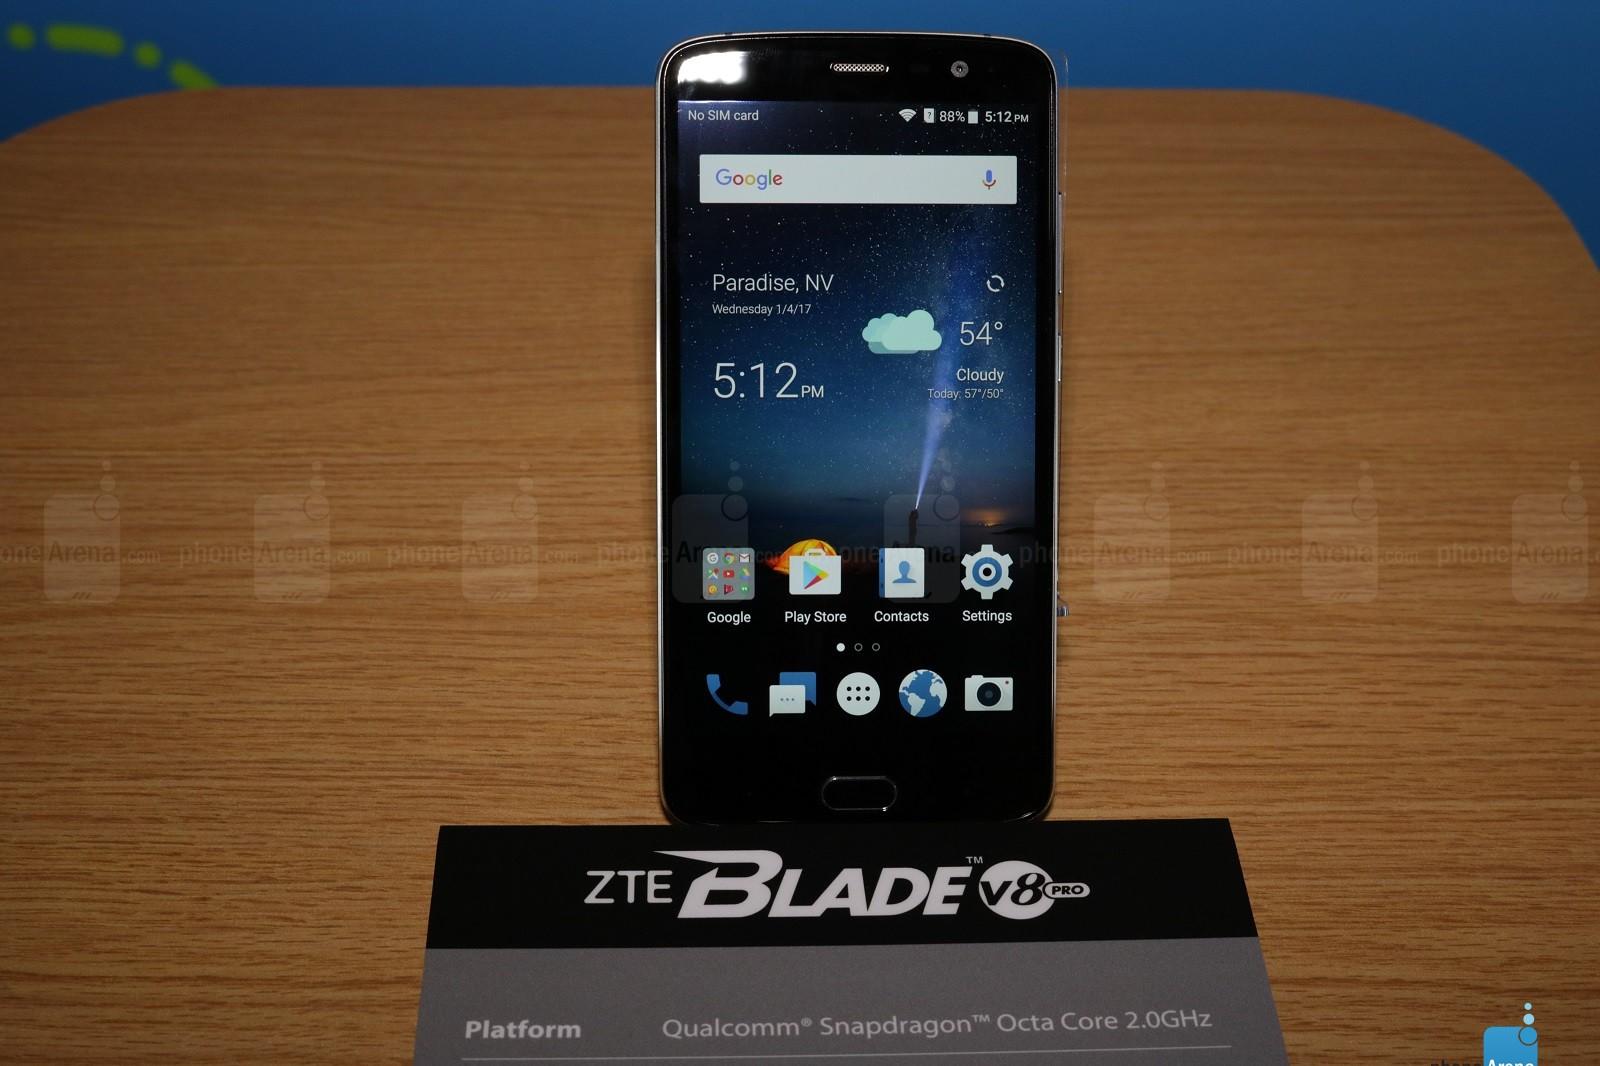 Trên tay ZTE Blade V8 Pro phân khúc tầm trung, trang bị camera kép